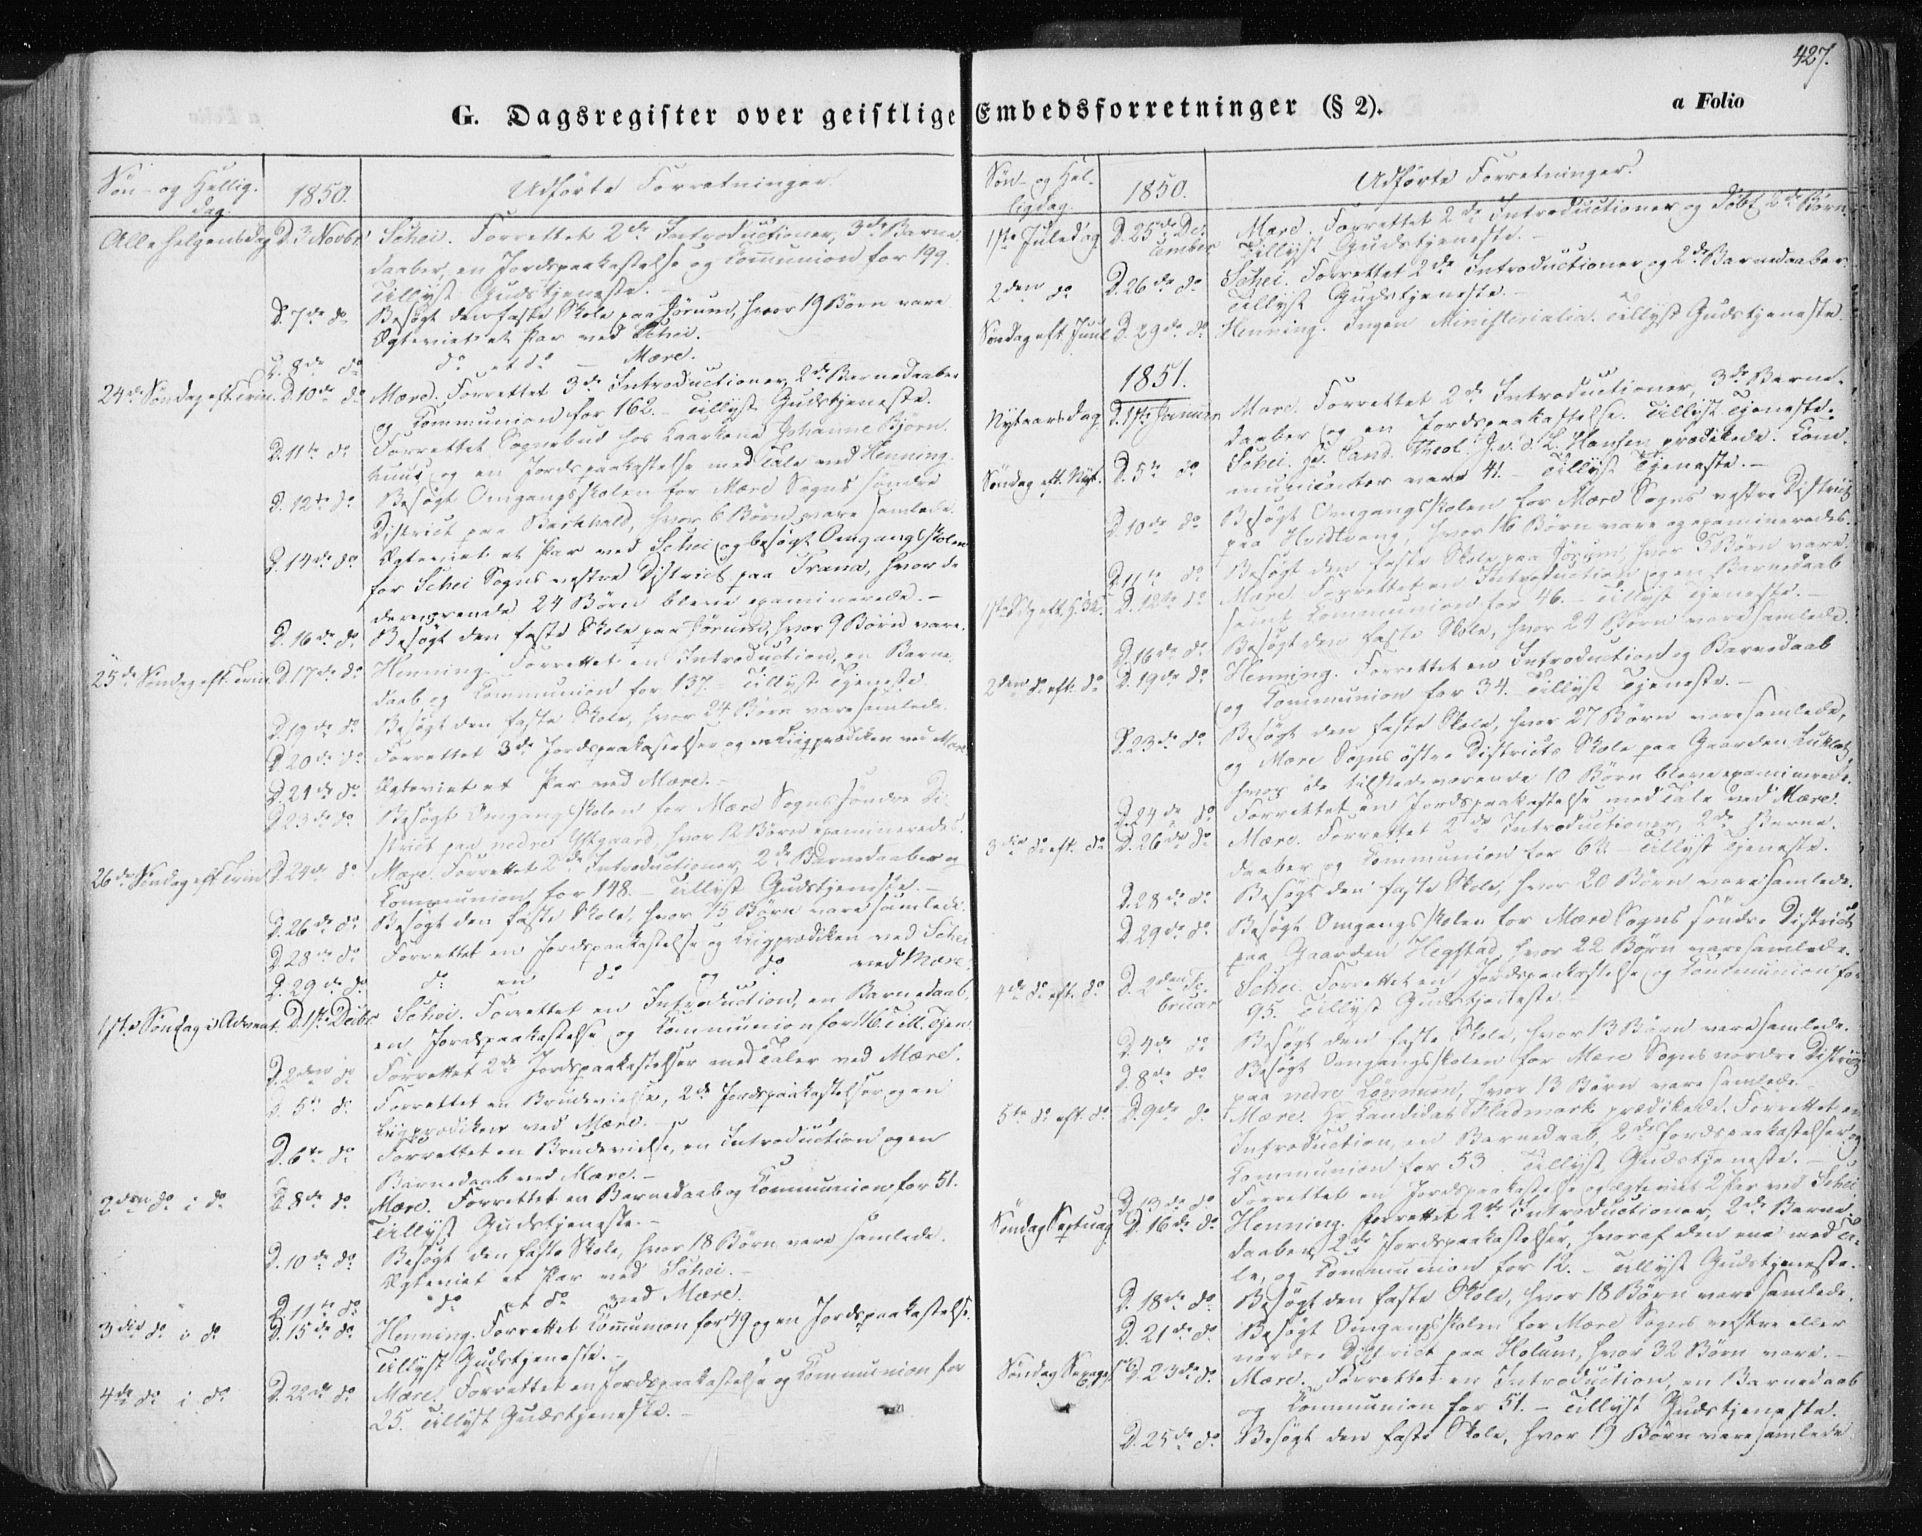 SAT, Ministerialprotokoller, klokkerbøker og fødselsregistre - Nord-Trøndelag, 735/L0342: Ministerialbok nr. 735A07 /1, 1849-1862, s. 427